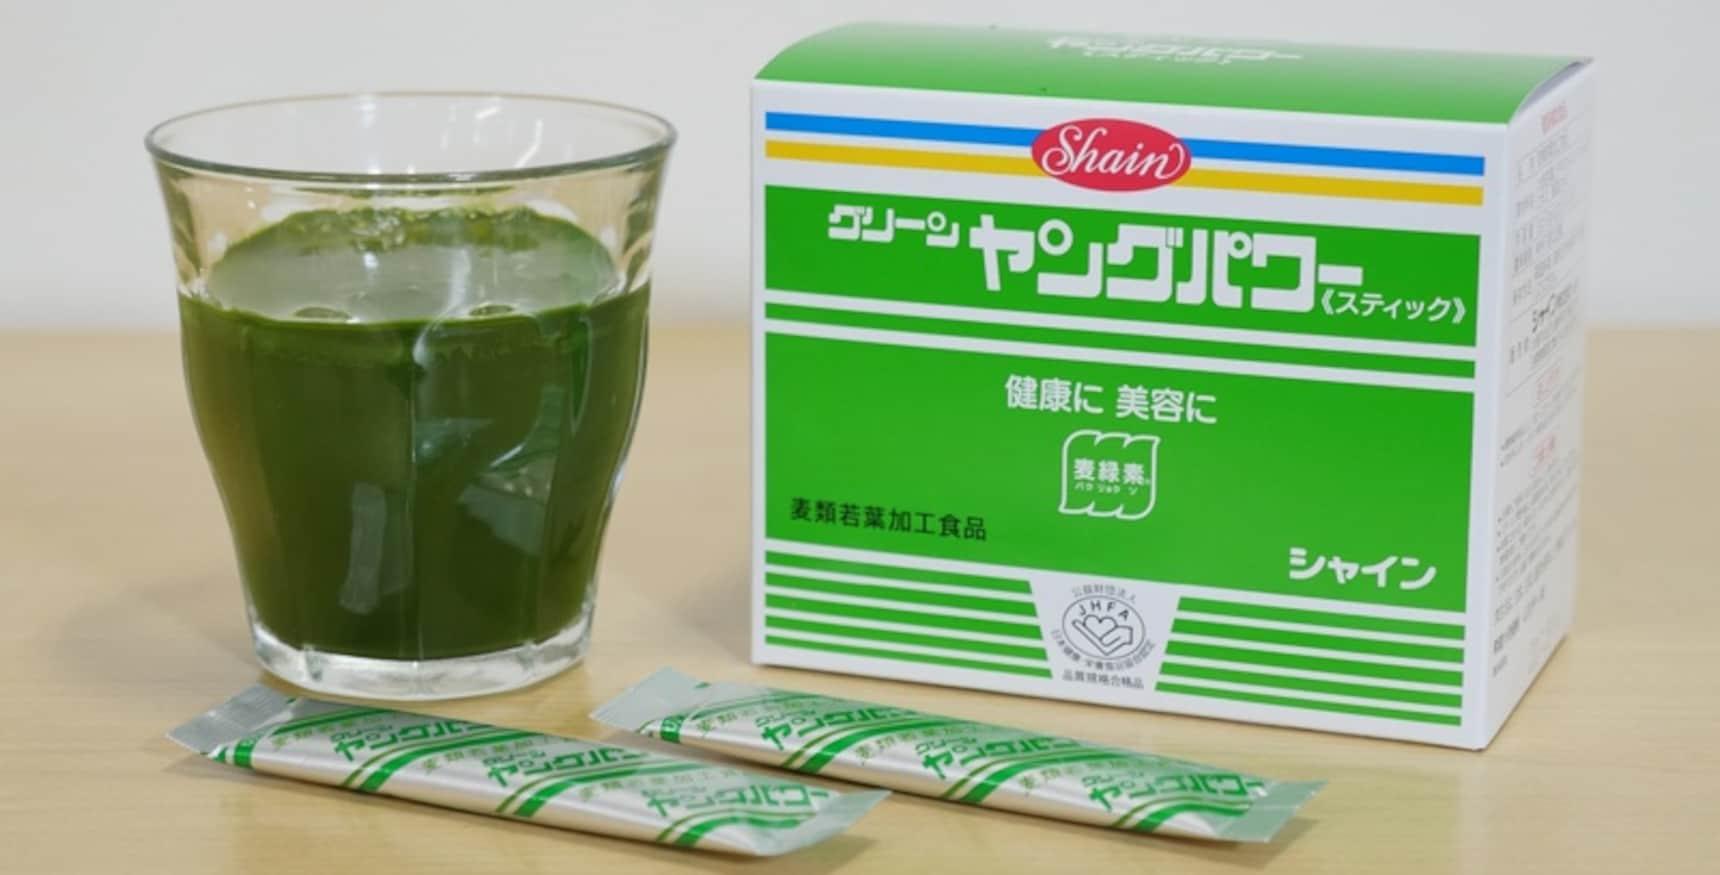 日本大麦若叶青汁_解析:日本国民健康食品大麦若叶青汁! | All About Japan